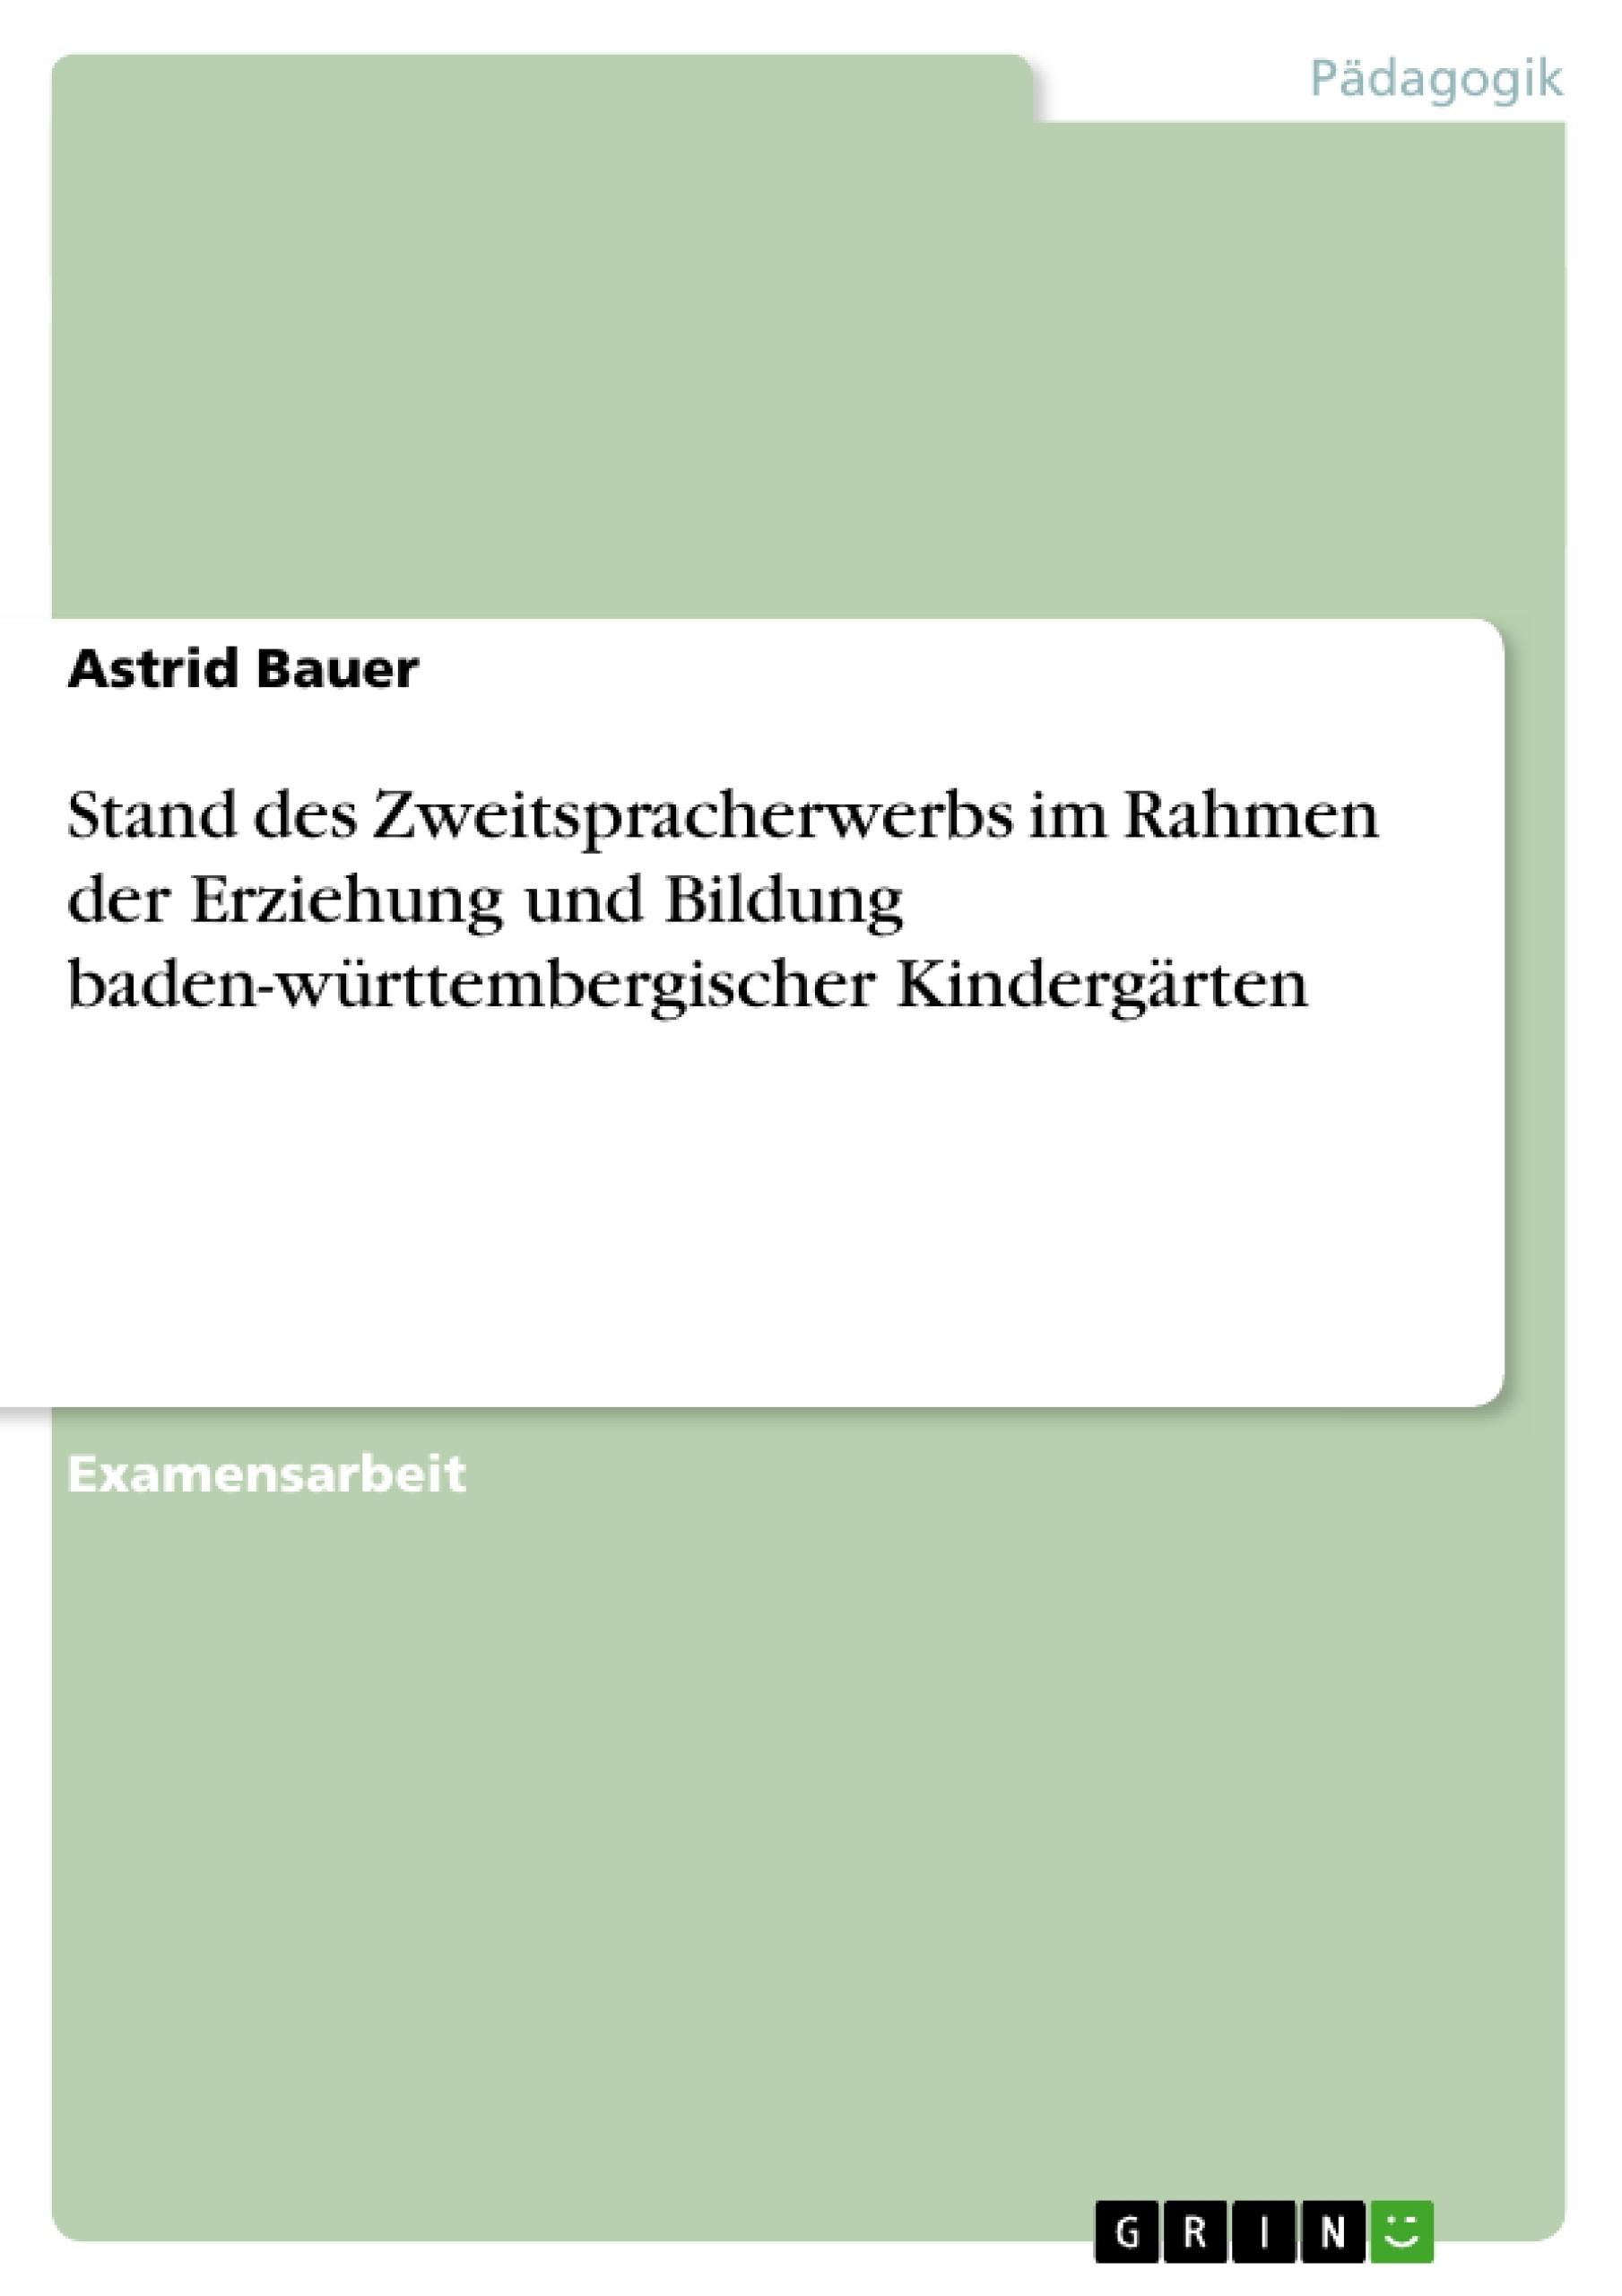 Titel: Stand des Zweitspracherwerbs im Rahmen der Erziehung und Bildung baden-württembergischer Kindergärten